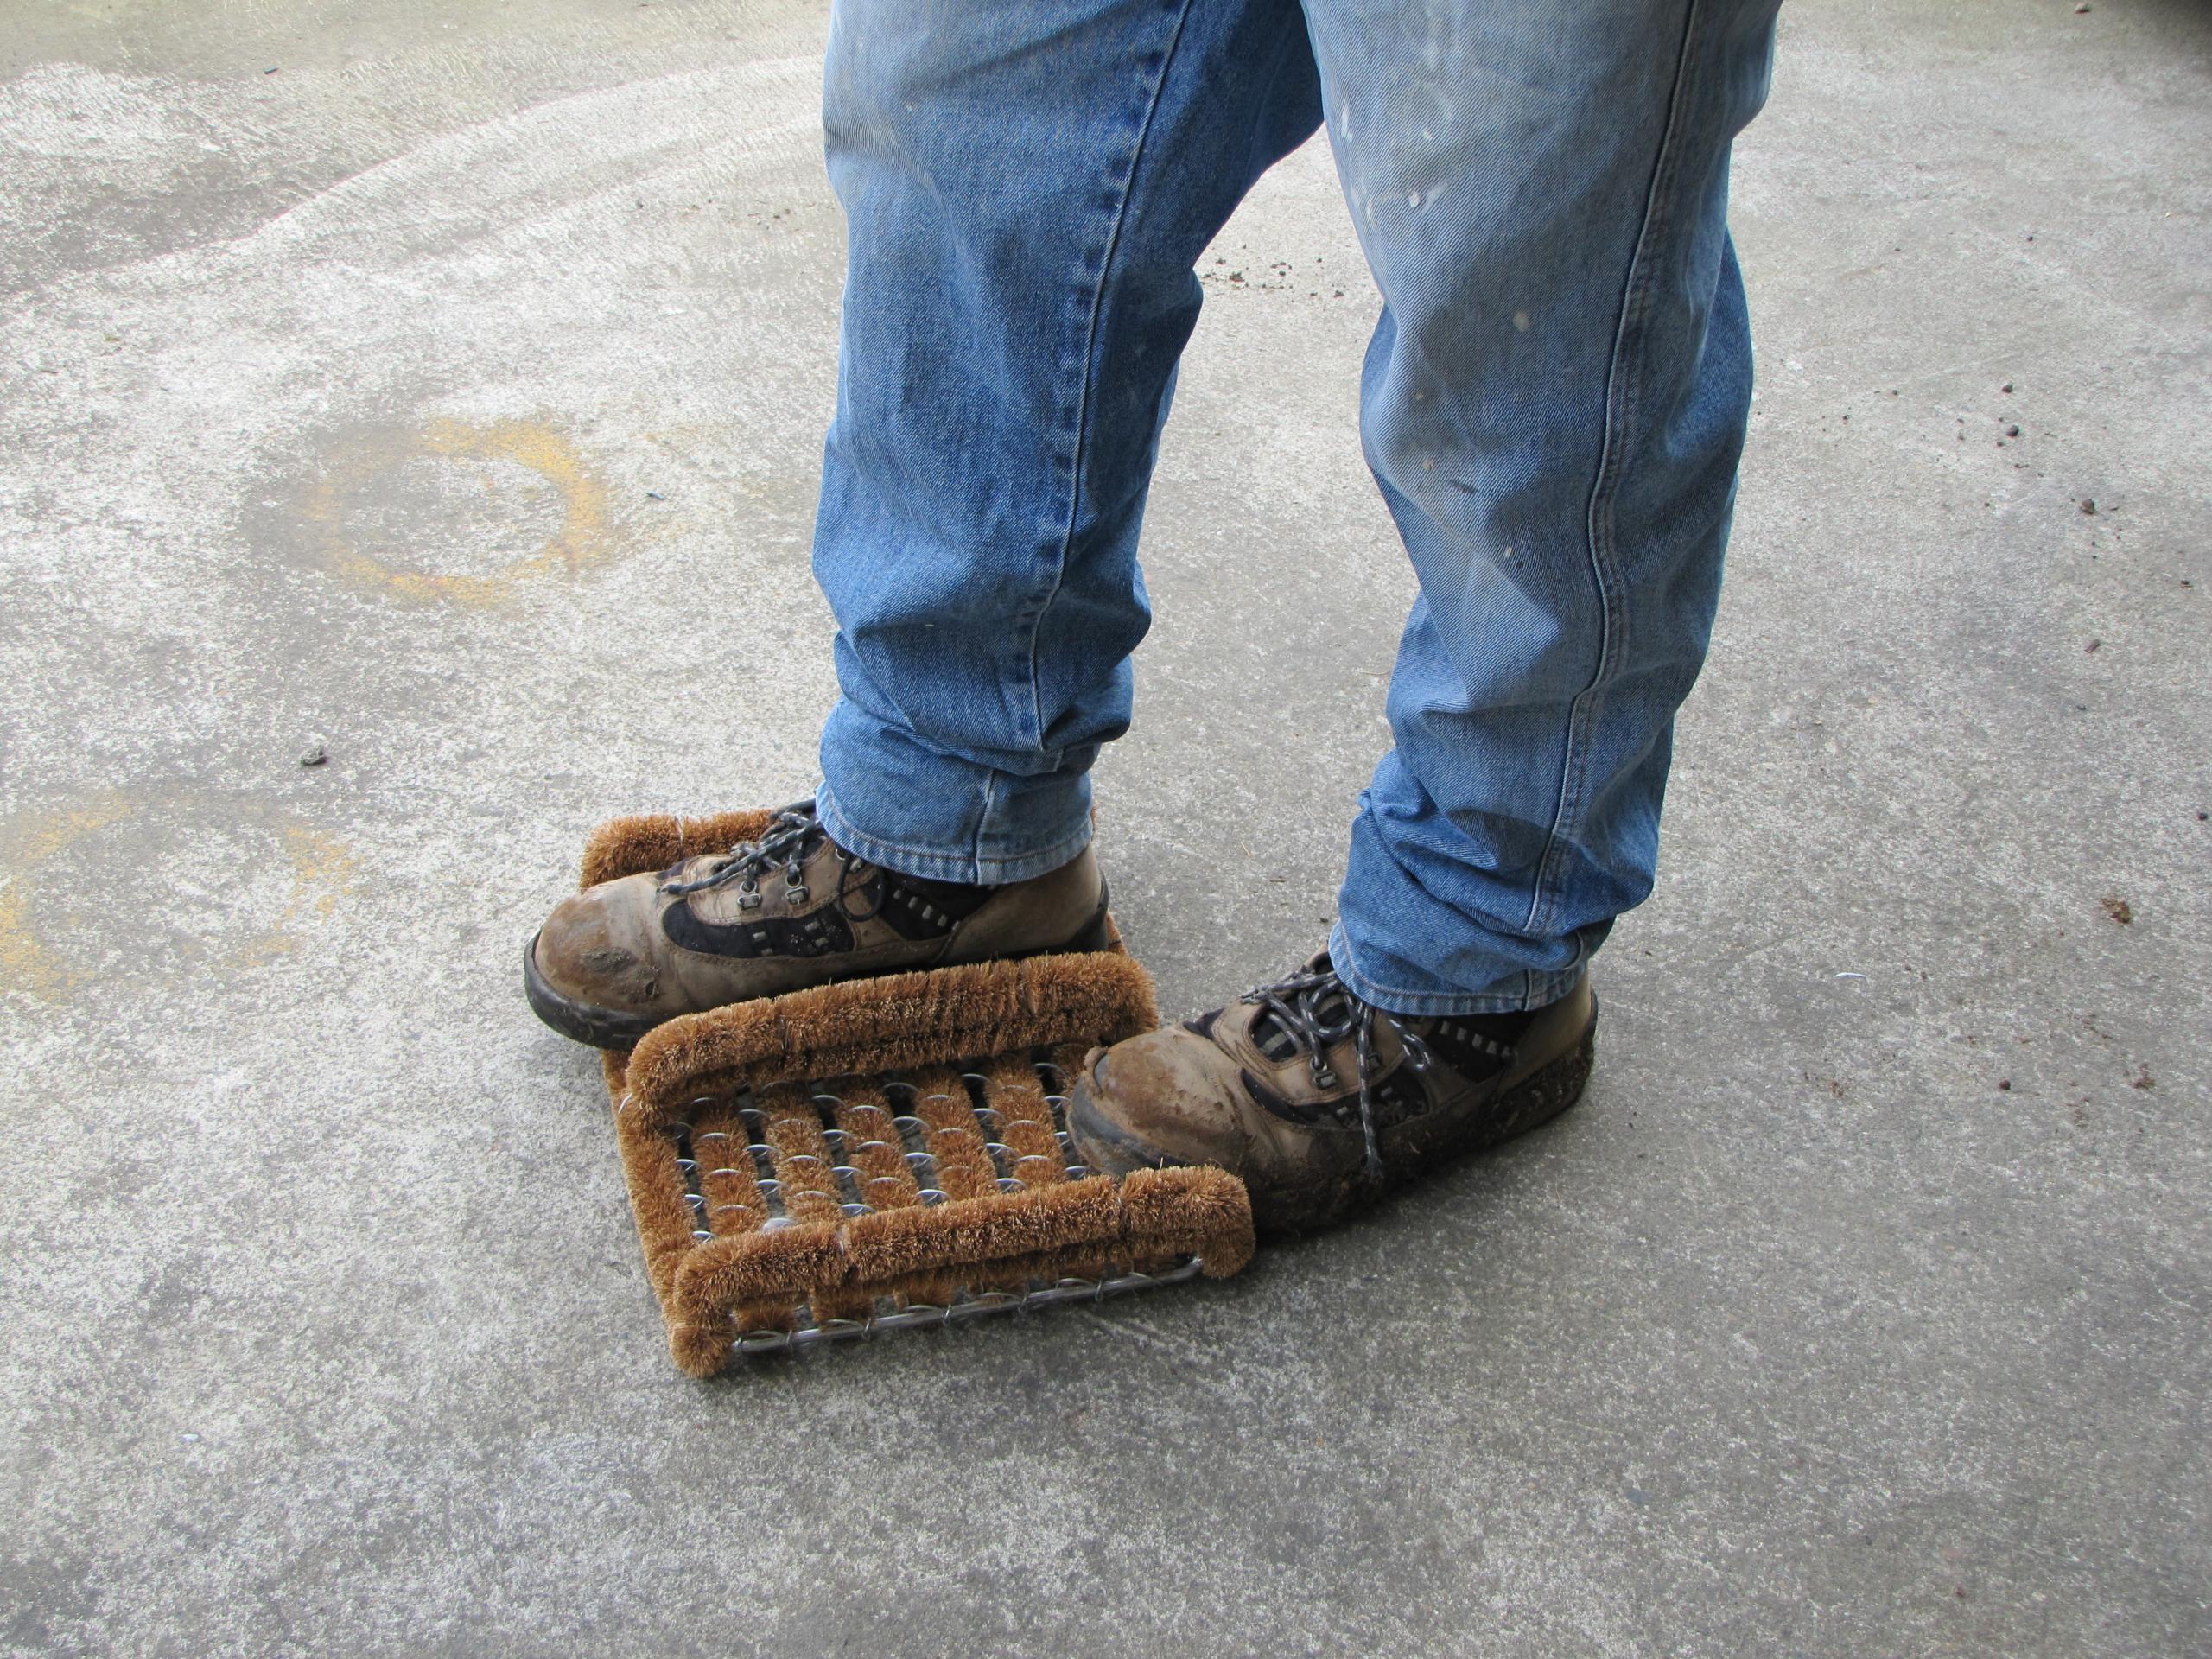 Boot Scraper Action